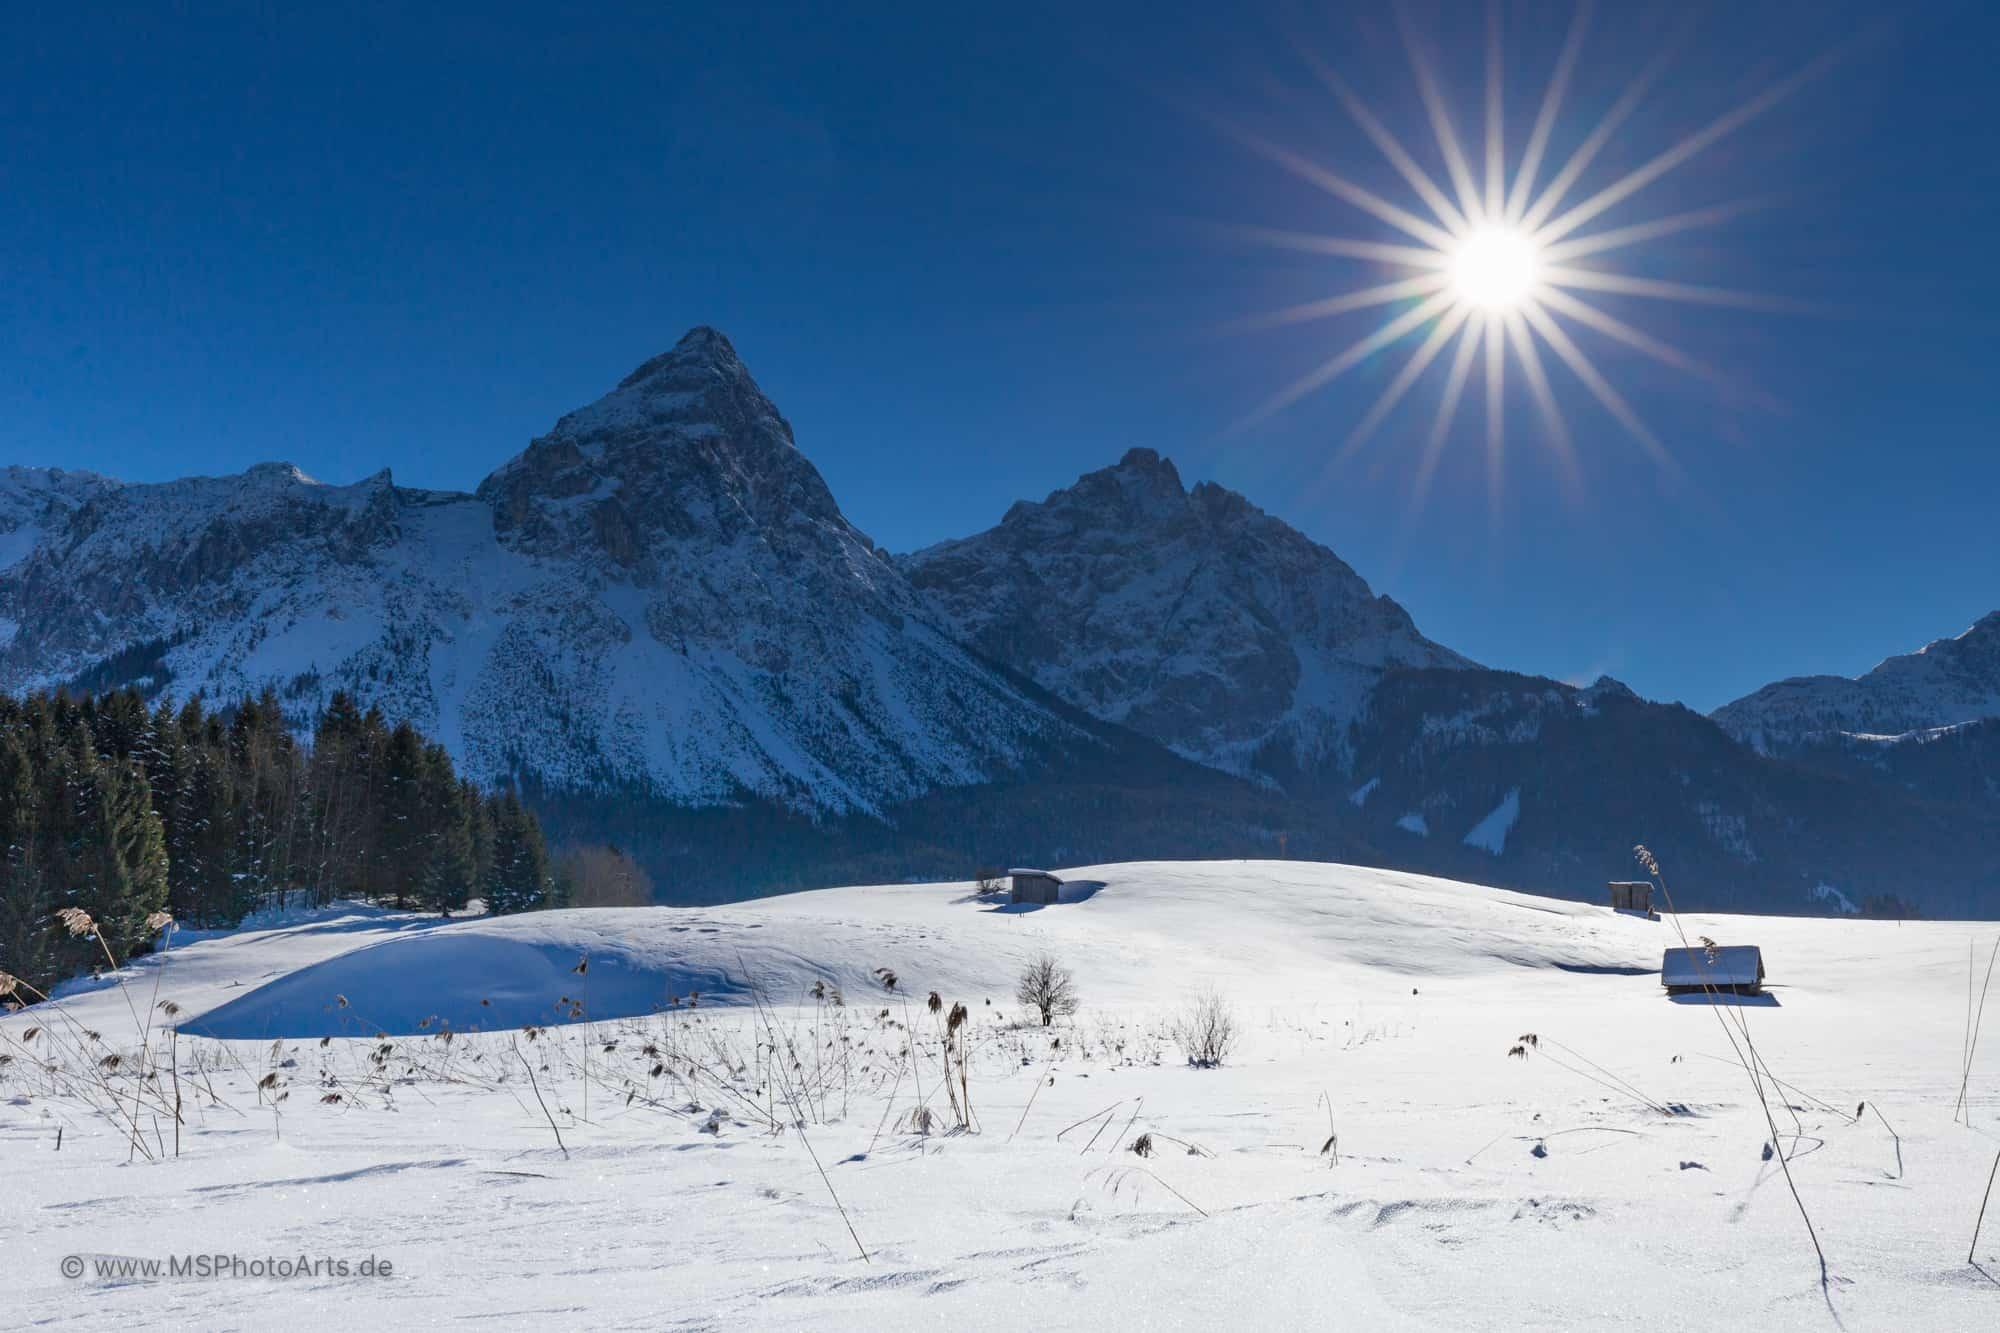 Winterlandschaft unter der Sonnenspitze